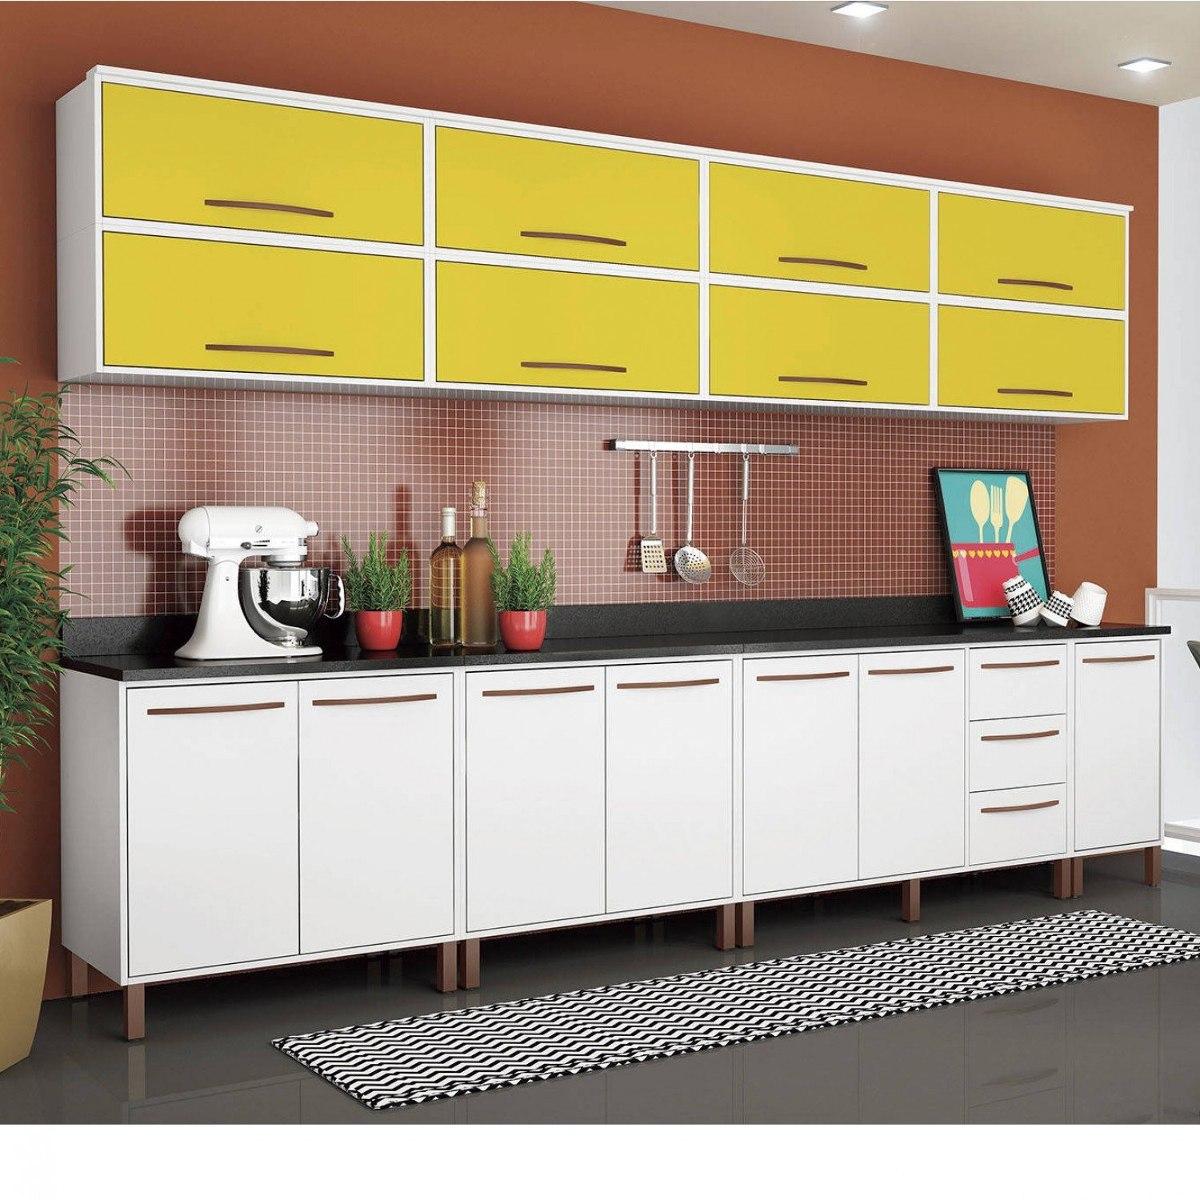 Cozinha Completa Modulada 12 Pe As Albatroz M Veis Cdwt R 2 303